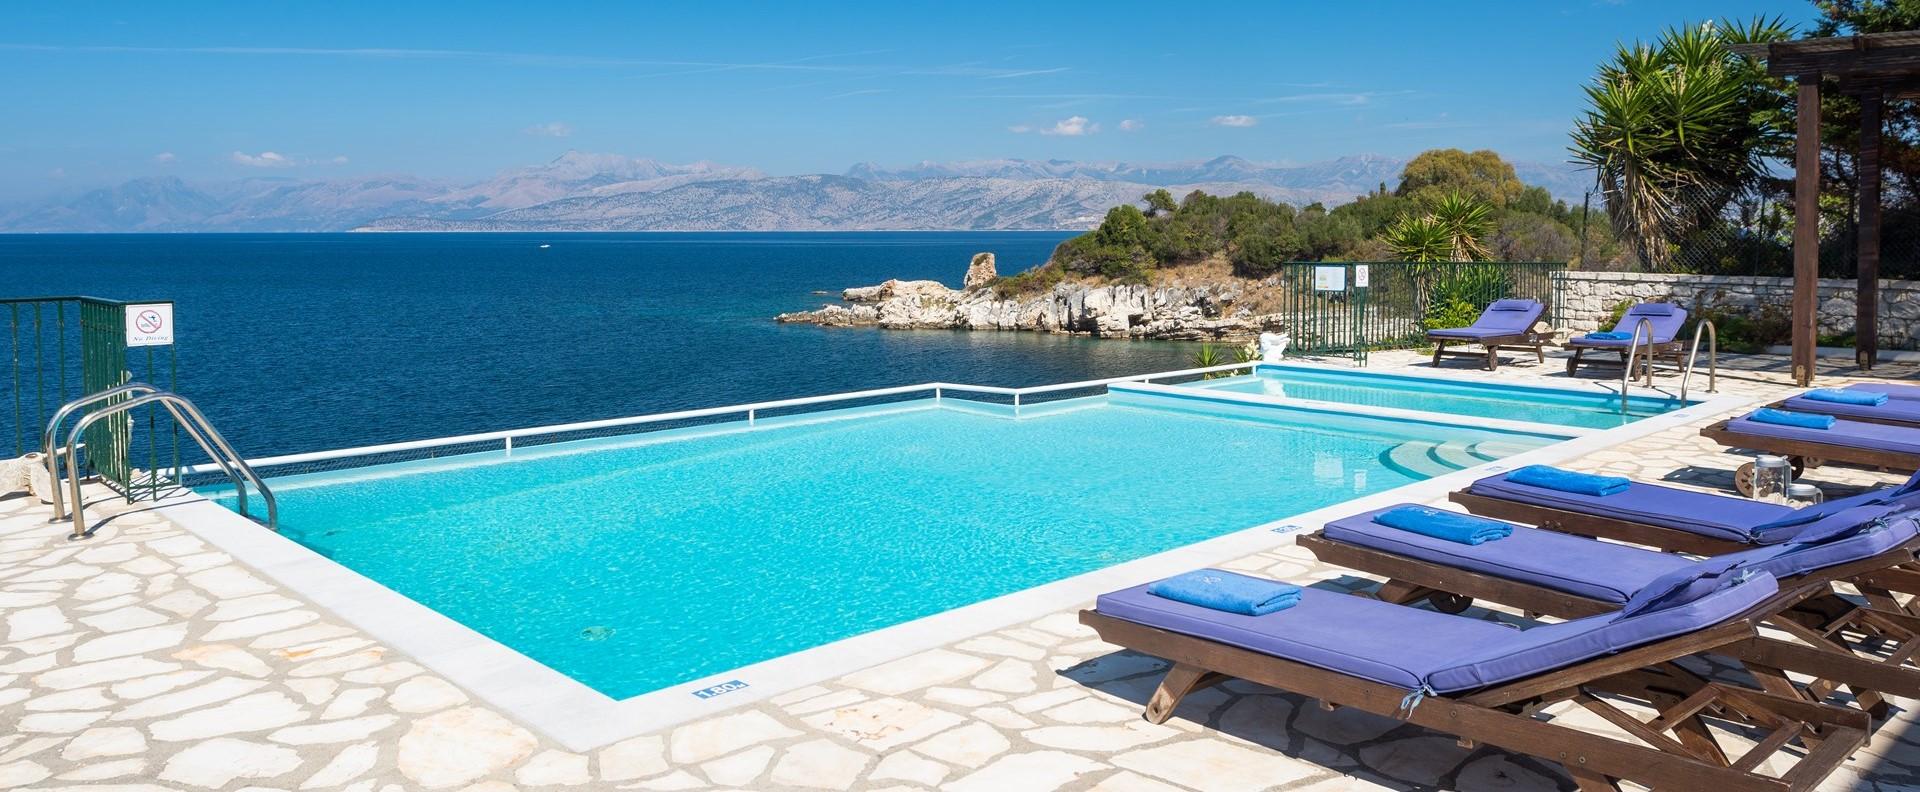 tailor-made-villa-holidays-corfu